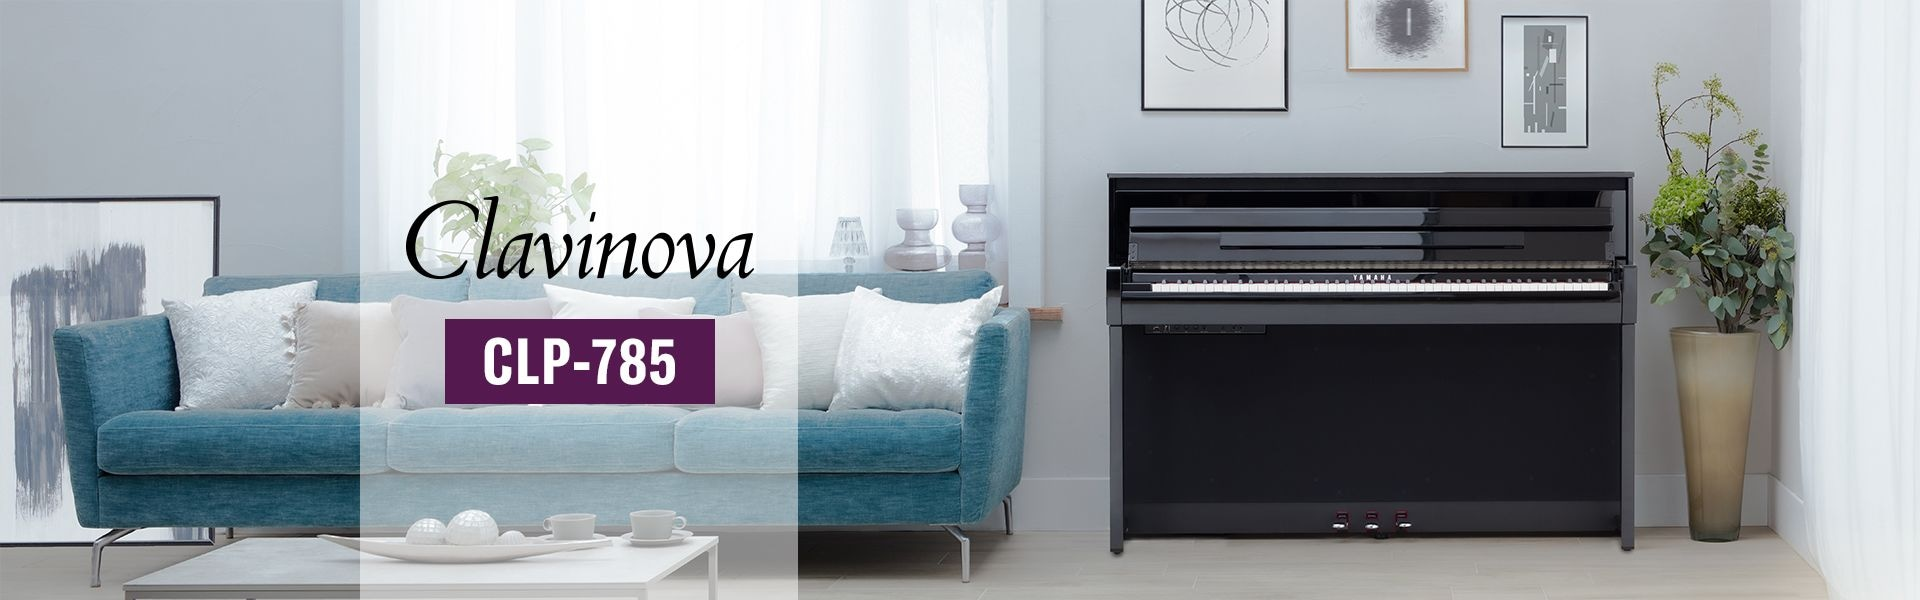 Yamaha Clavinova CLP-785